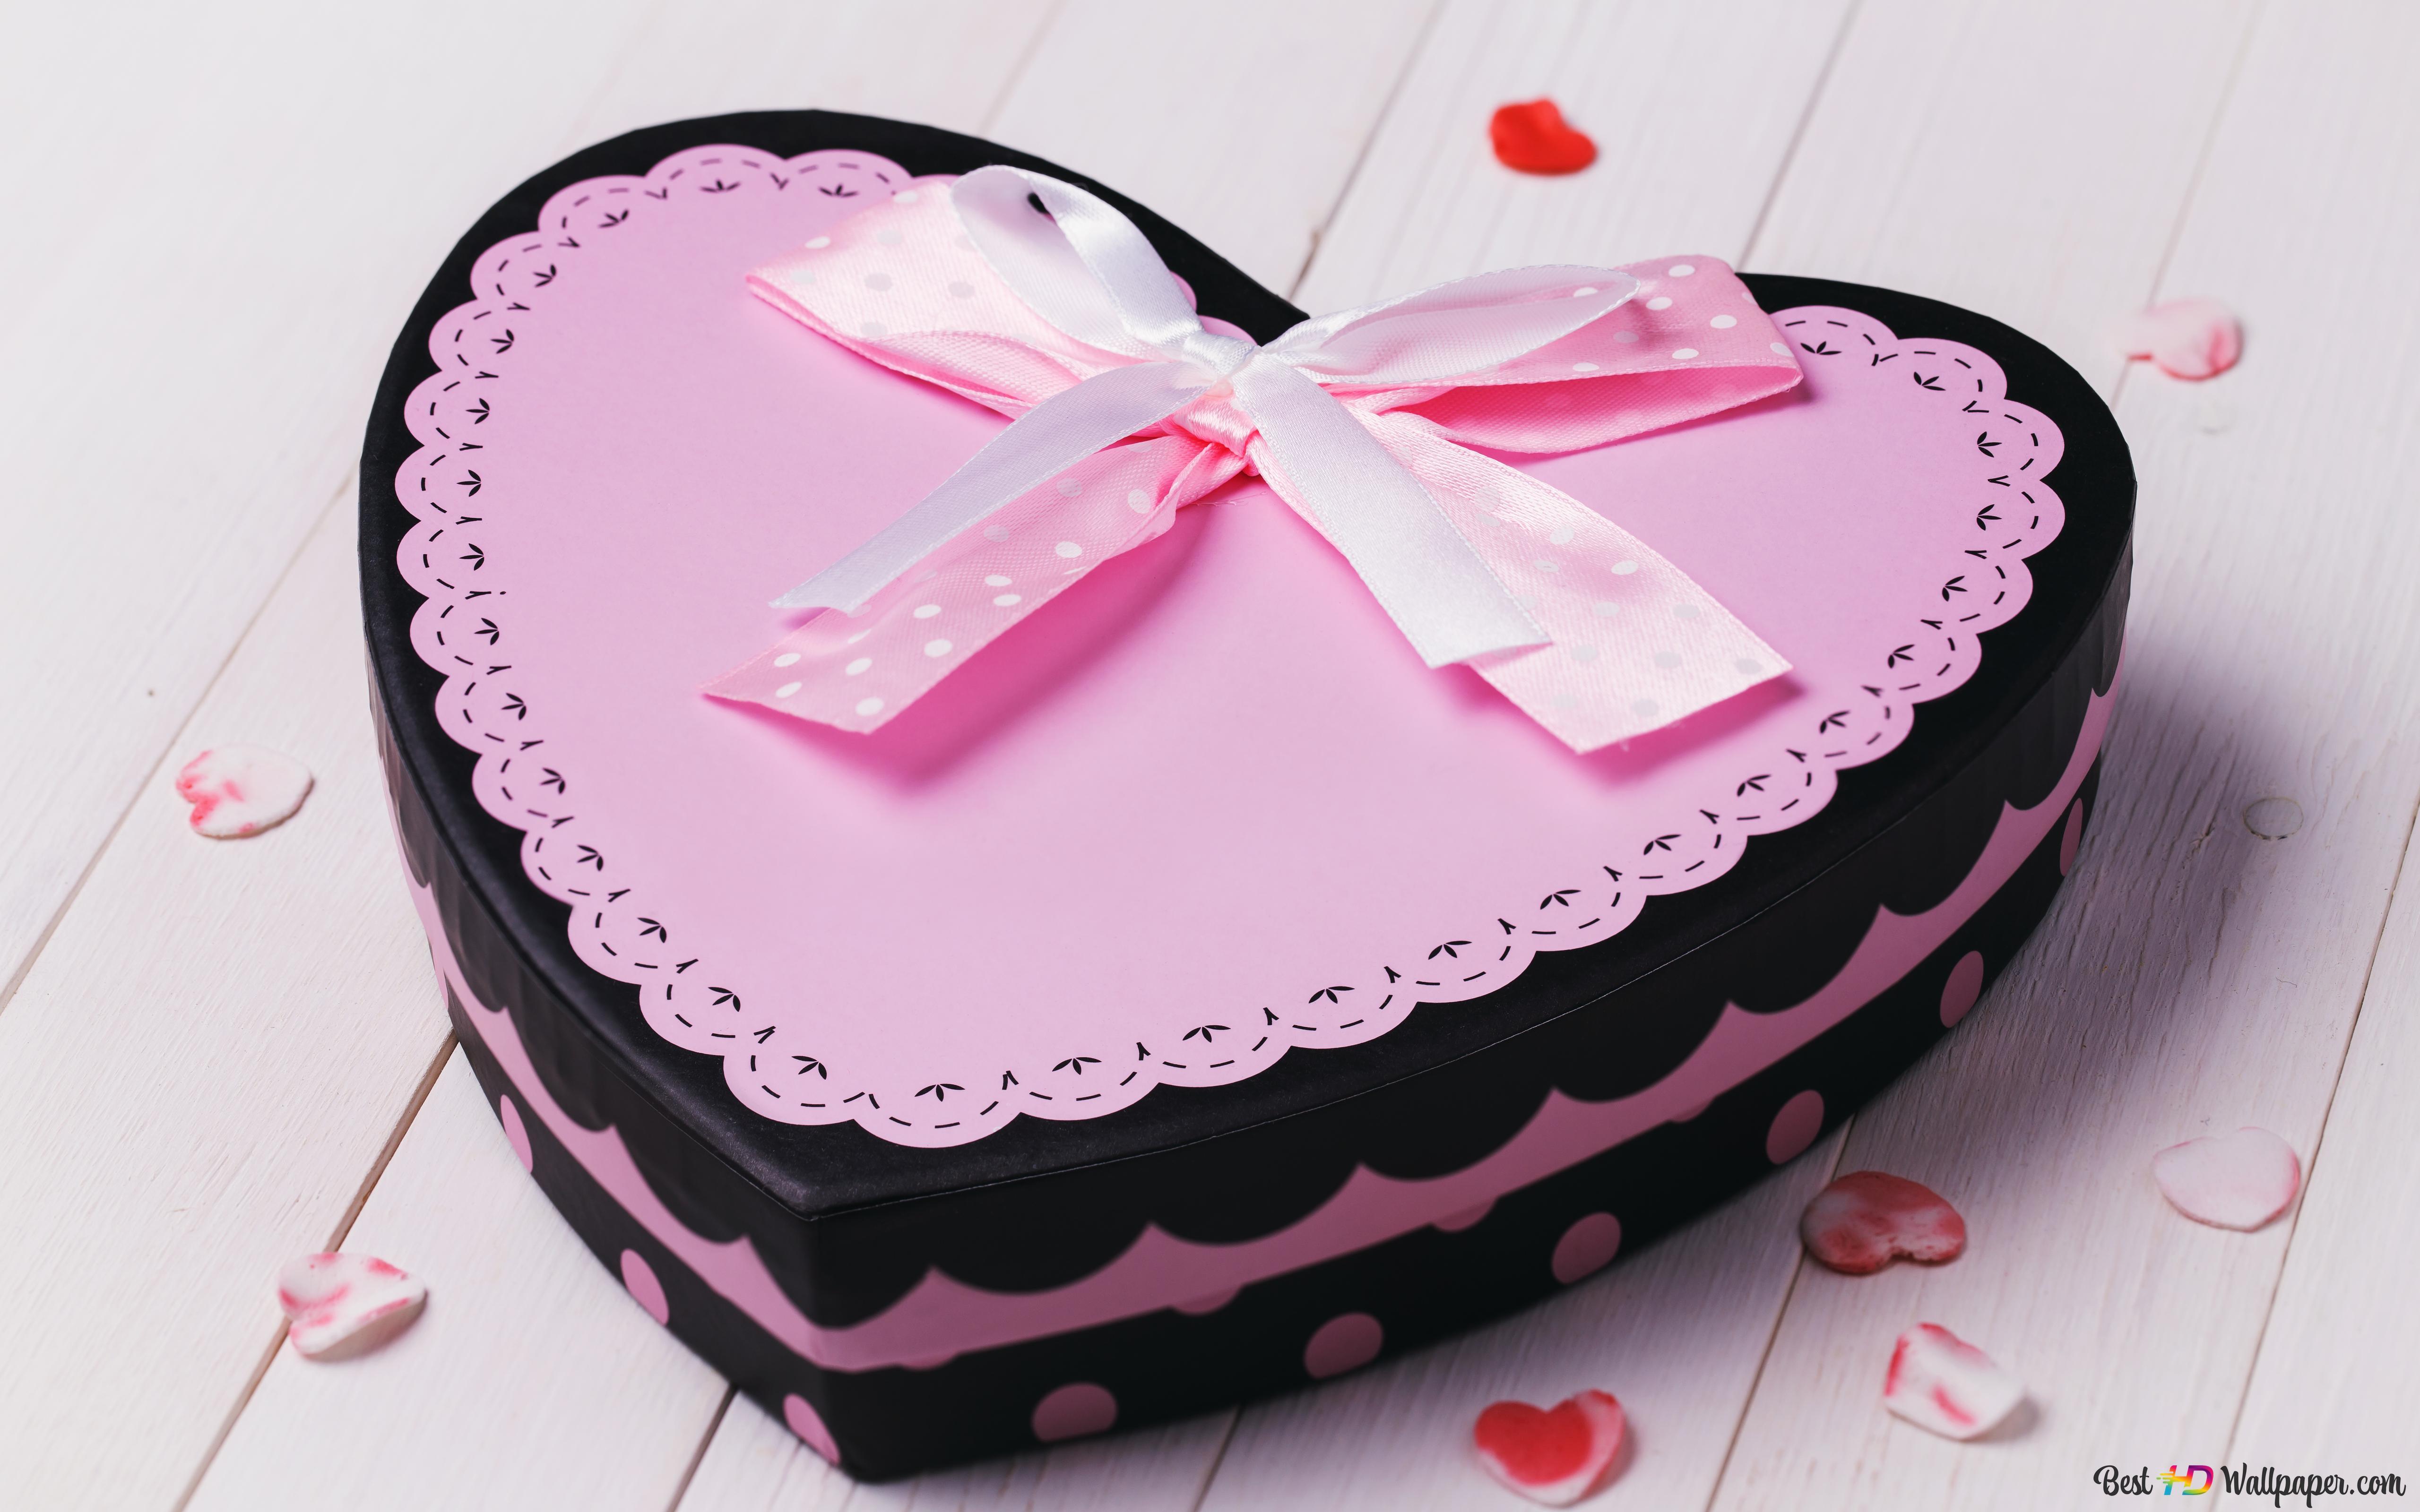 Valentinstag Heart Shaped Liebe Kuchen Hd Hintergrundbilder